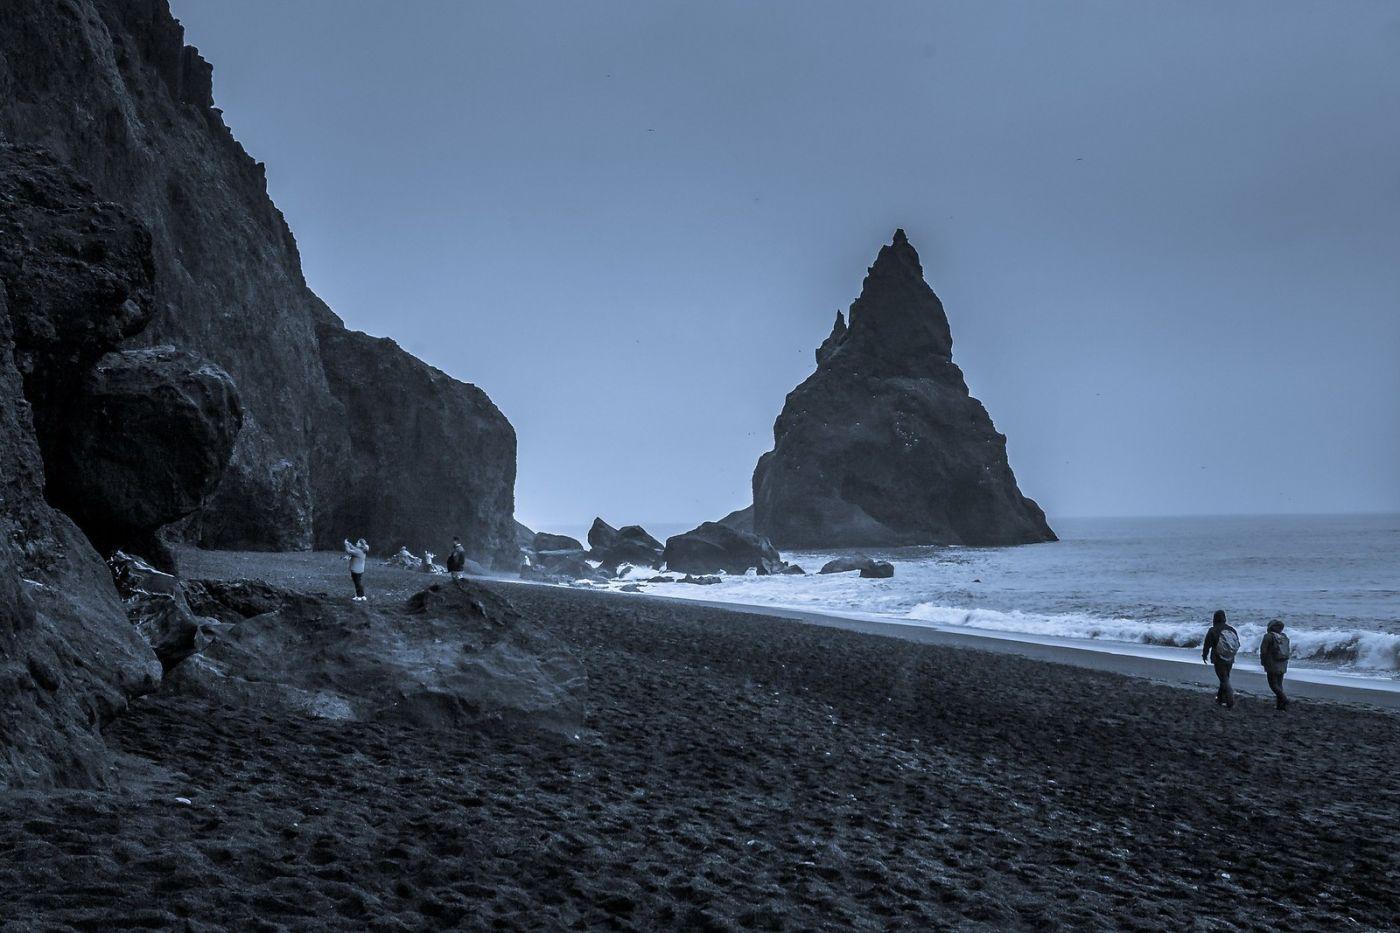 冰岛雷尼斯法加拉黑沙滩(Reynisfjara Black Sand Beach)_图1-2